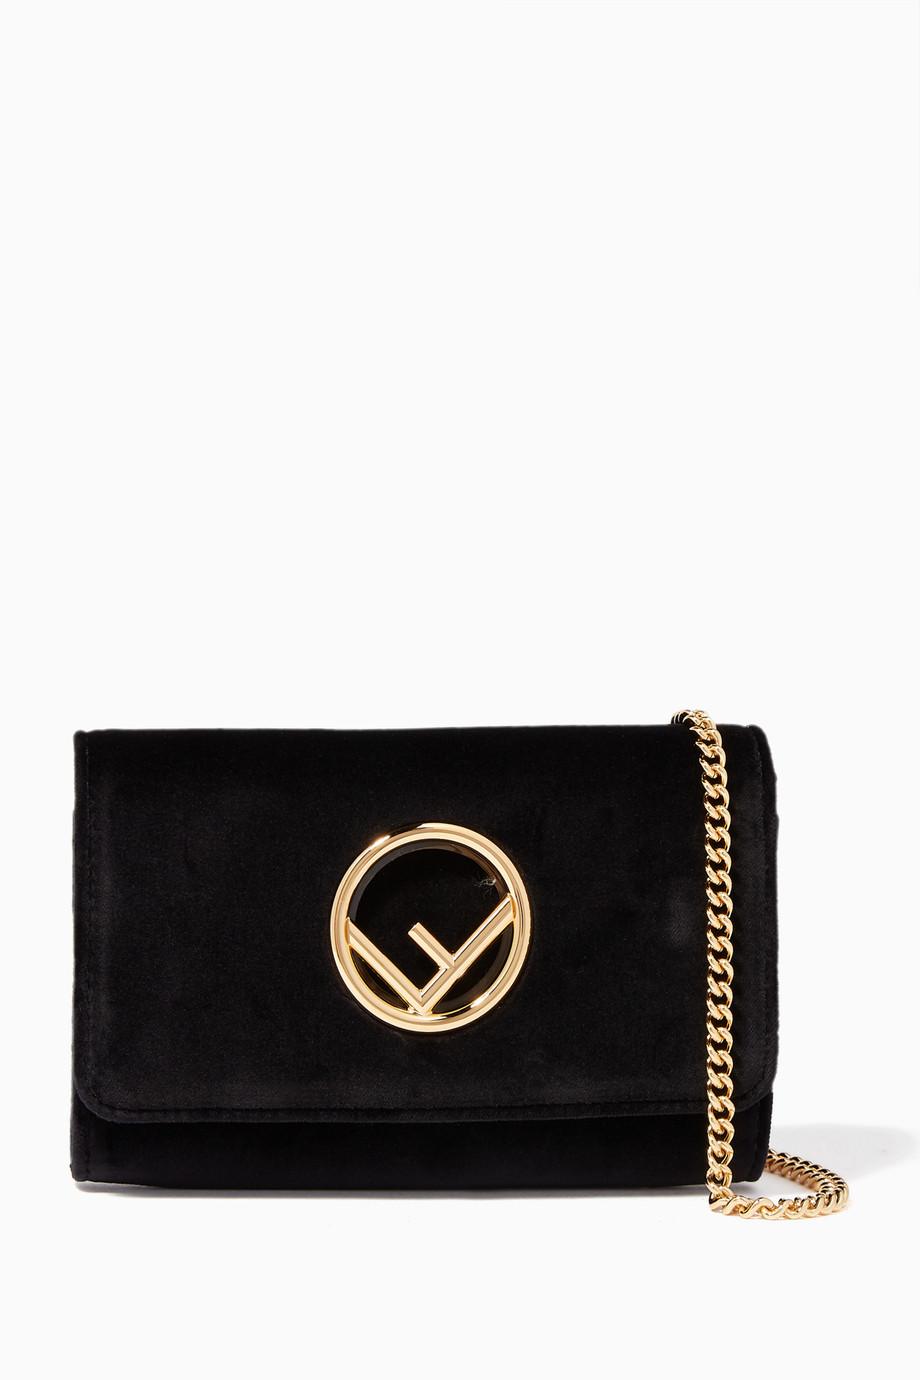 3c72376c67eb Shop Fendi Black Black Velvet Mini-Bag Wallet for Women